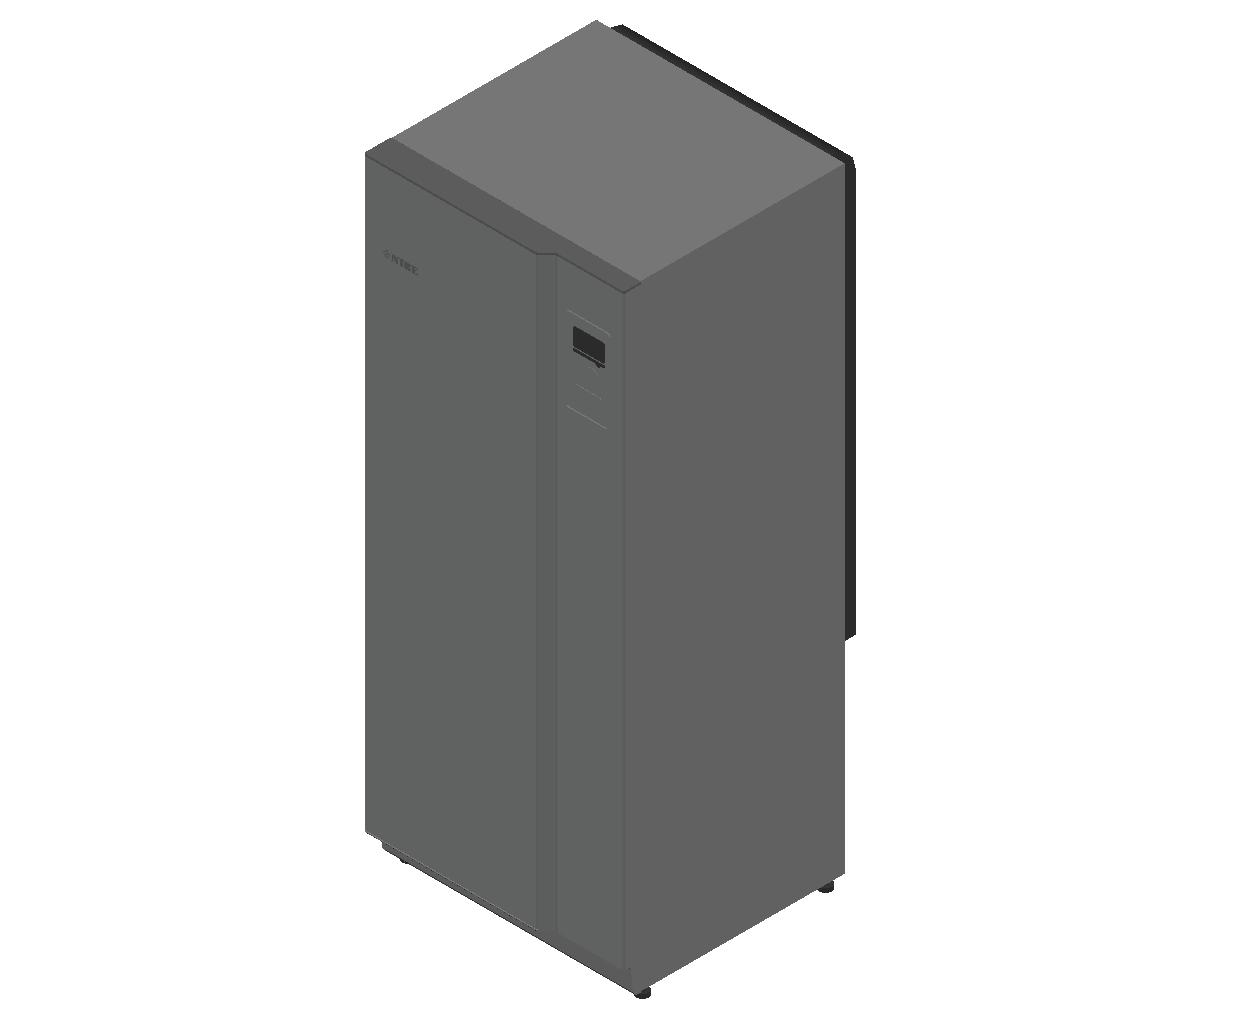 HC_Heat Pump_MEPcontent_NIBE_VVM 225_INT-EN.dwg